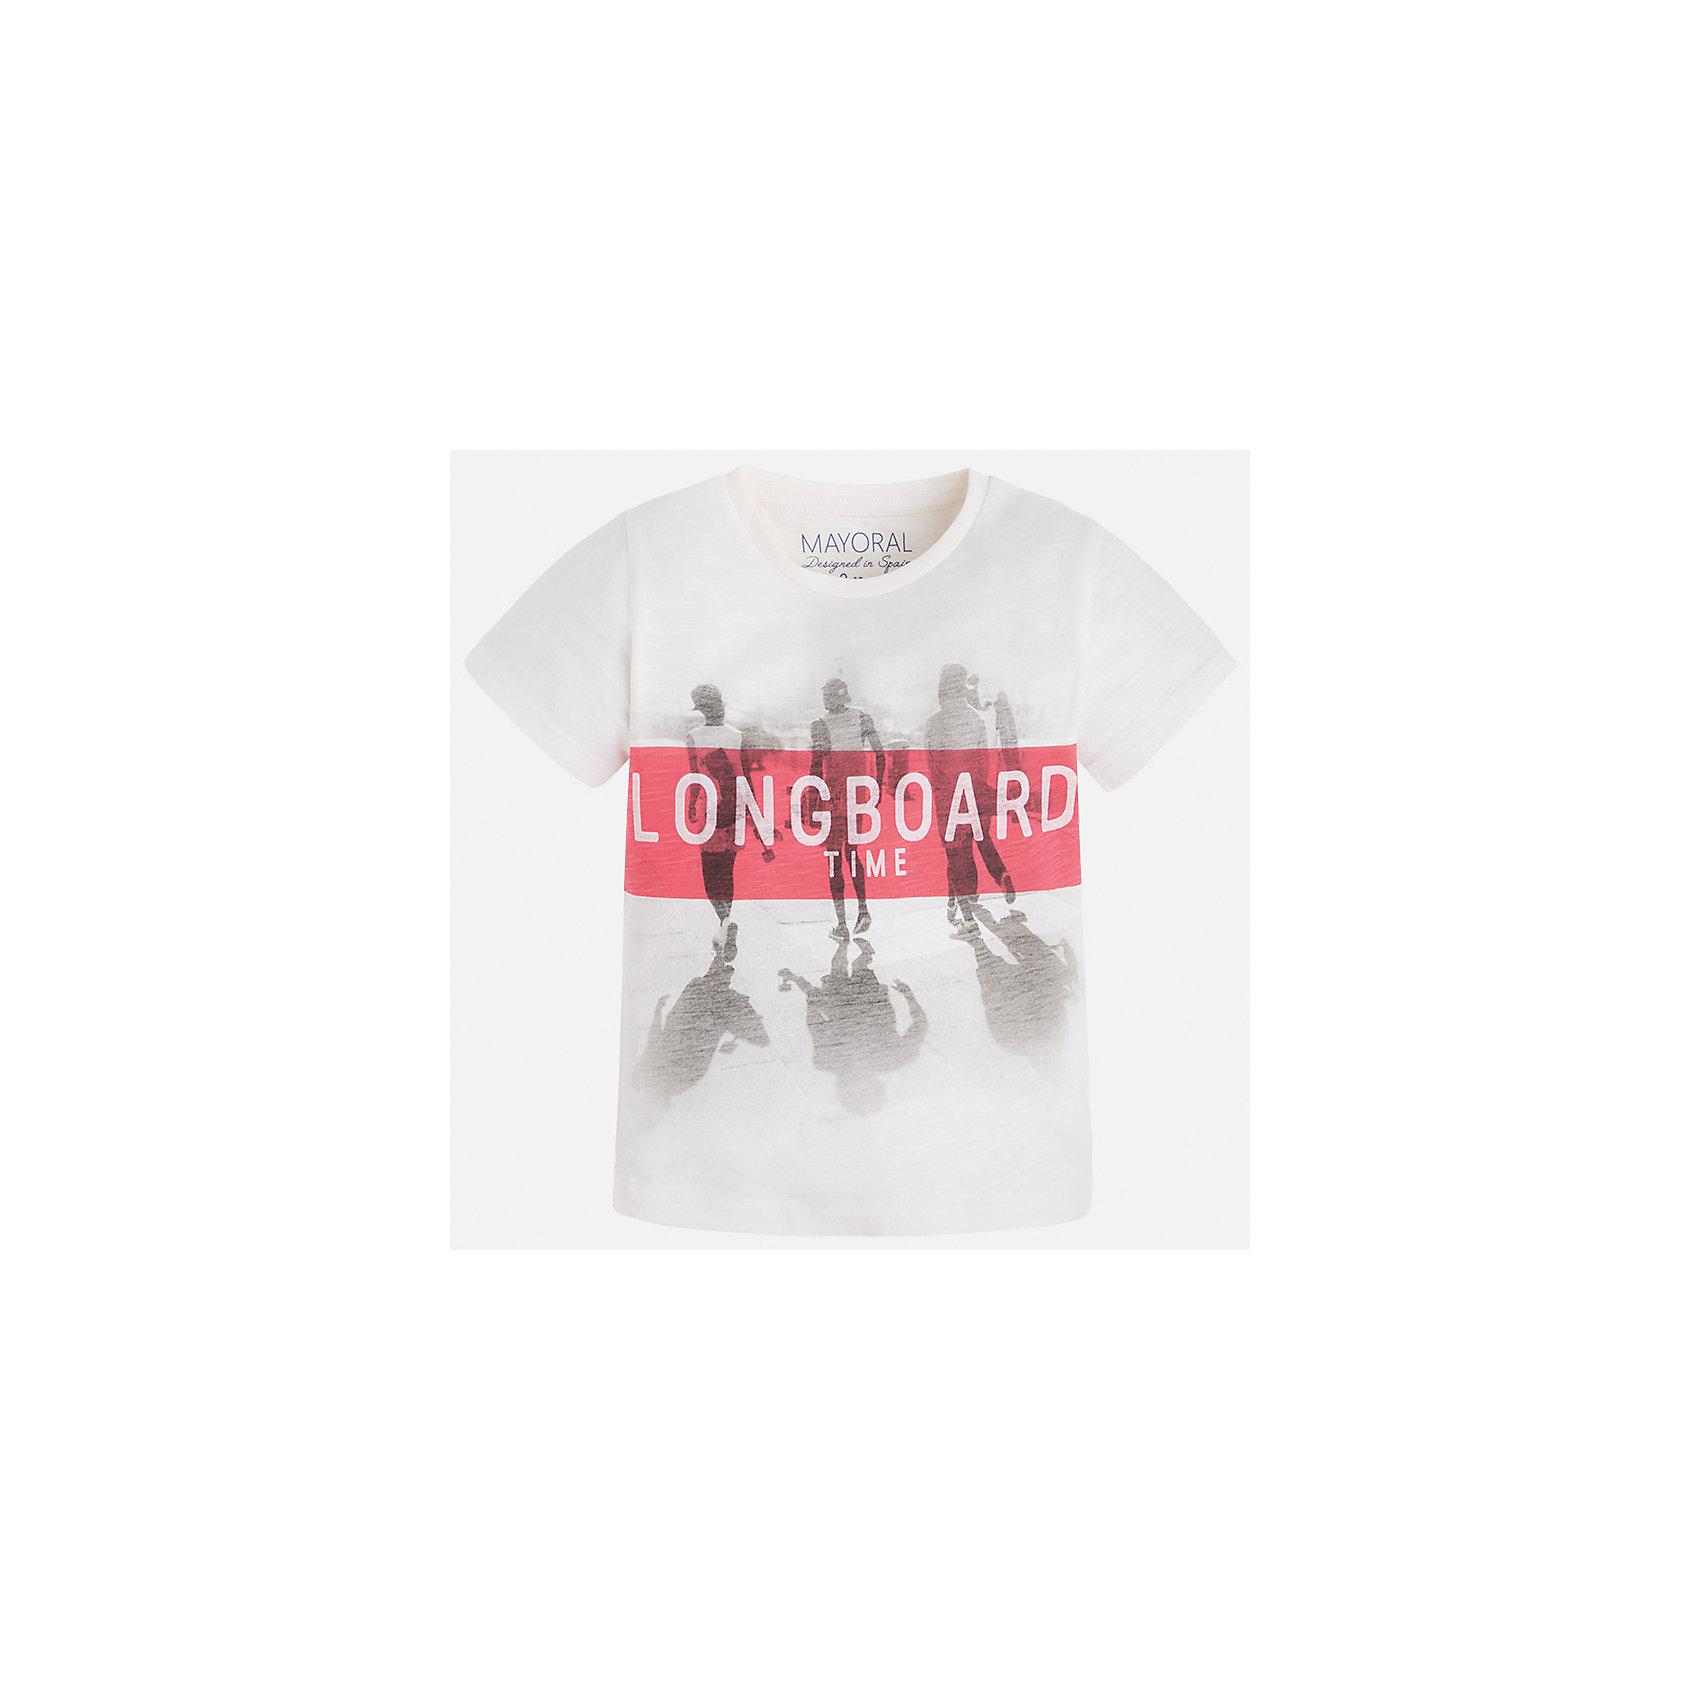 Футболка для мальчика MayoralФутболки, поло и топы<br>Характеристики товара:<br><br>• цвет: белый<br>• состав: 100% хлопок<br>• круглый горловой вырез<br>• декорирована принтом<br>• короткие рукава<br>• отделка горловины<br>• страна бренда: Испания<br><br>Удобная модная футболка с принтом поможет разнообразить гардероб мальчика. Она отлично сочетается с брюками, шортами, джинсами. Универсальный крой и цвет позволяет подобрать к вещи низ разных расцветок. Практичное и стильное изделие! Хорошо смотрится и комфортно сидит на детях. В составе материала - только натуральный хлопок, гипоаллергенный, приятный на ощупь, дышащий.<br> <br>Одежда, обувь и аксессуары от испанского бренда Mayoral полюбились детям и взрослым по всему миру. Модели этой марки - стильные и удобные. Для их производства используются только безопасные, качественные материалы и фурнитура. Порадуйте ребенка модными и красивыми вещами от Mayoral! <br><br>Футболку для мальчика от испанского бренда Mayoral (Майорал) можно купить в нашем интернет-магазине.<br><br>Ширина мм: 199<br>Глубина мм: 10<br>Высота мм: 161<br>Вес г: 151<br>Цвет: бежевый<br>Возраст от месяцев: 96<br>Возраст до месяцев: 108<br>Пол: Мужской<br>Возраст: Детский<br>Размер: 134,116,122,128<br>SKU: 5280137